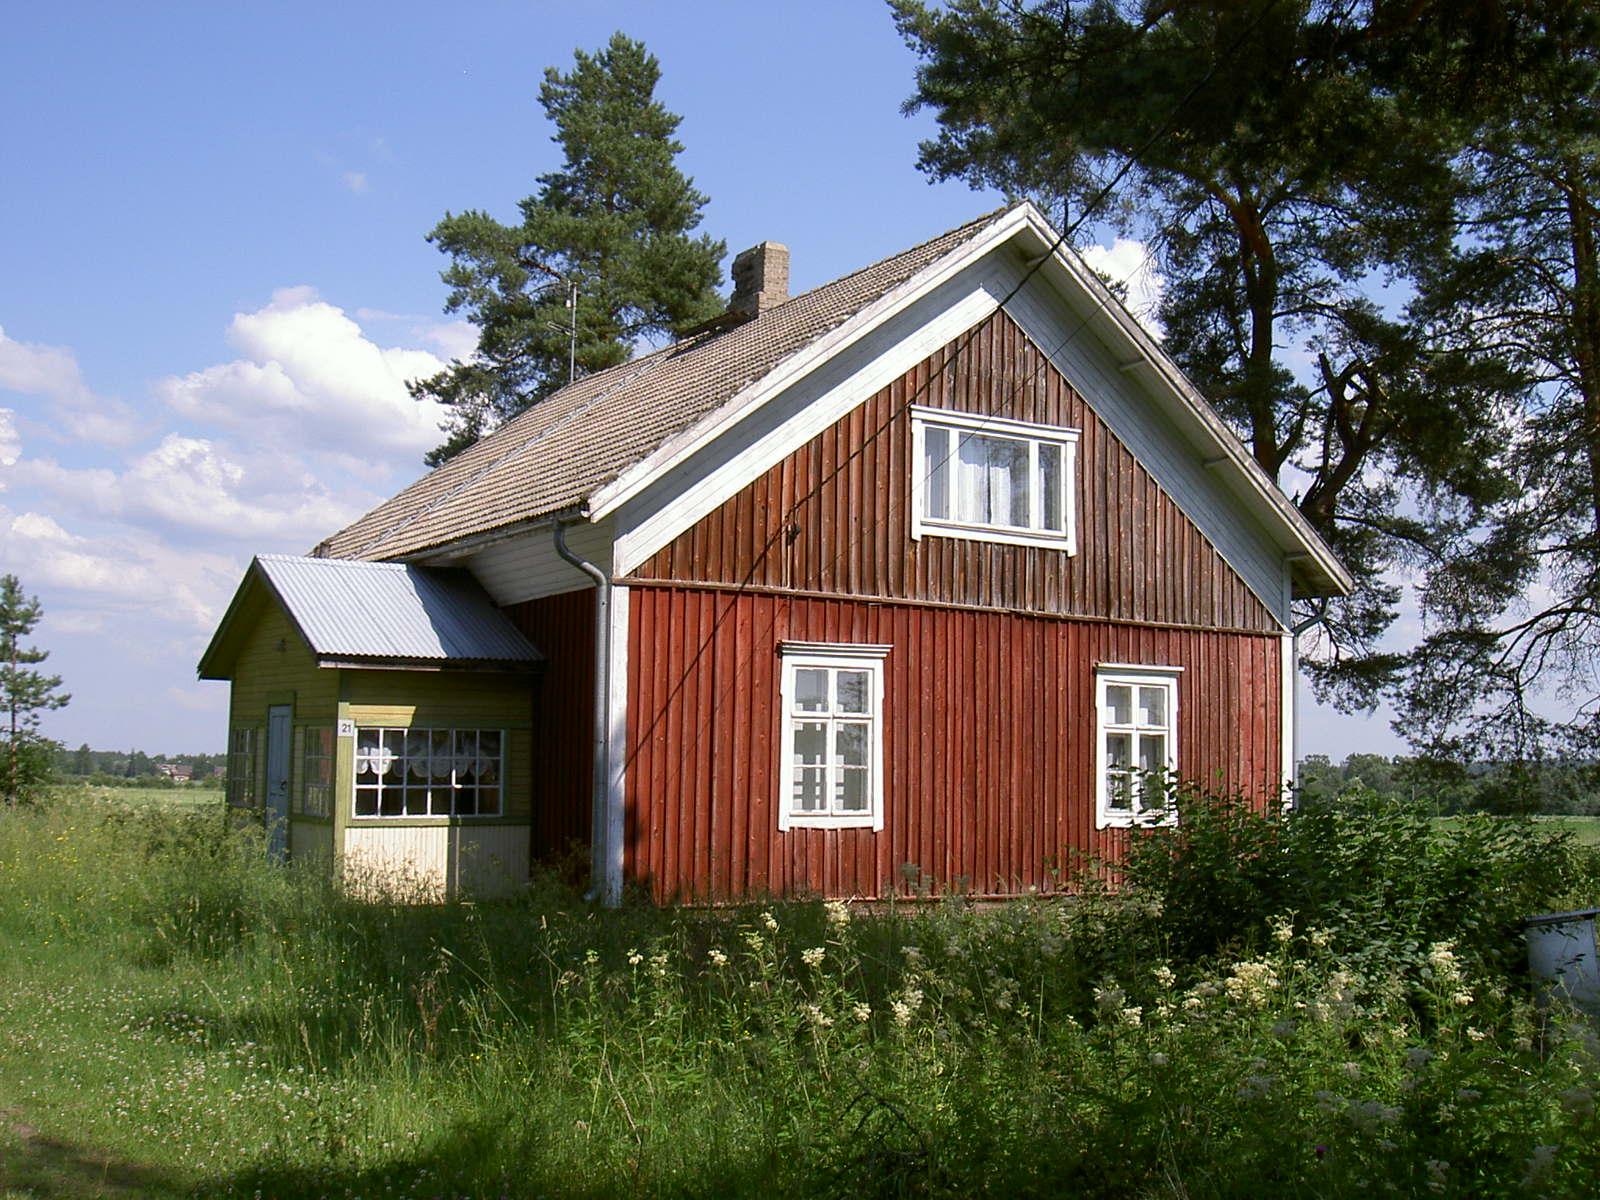 Anselm och Lauras gård i skogsbrynet är numera obebodd.